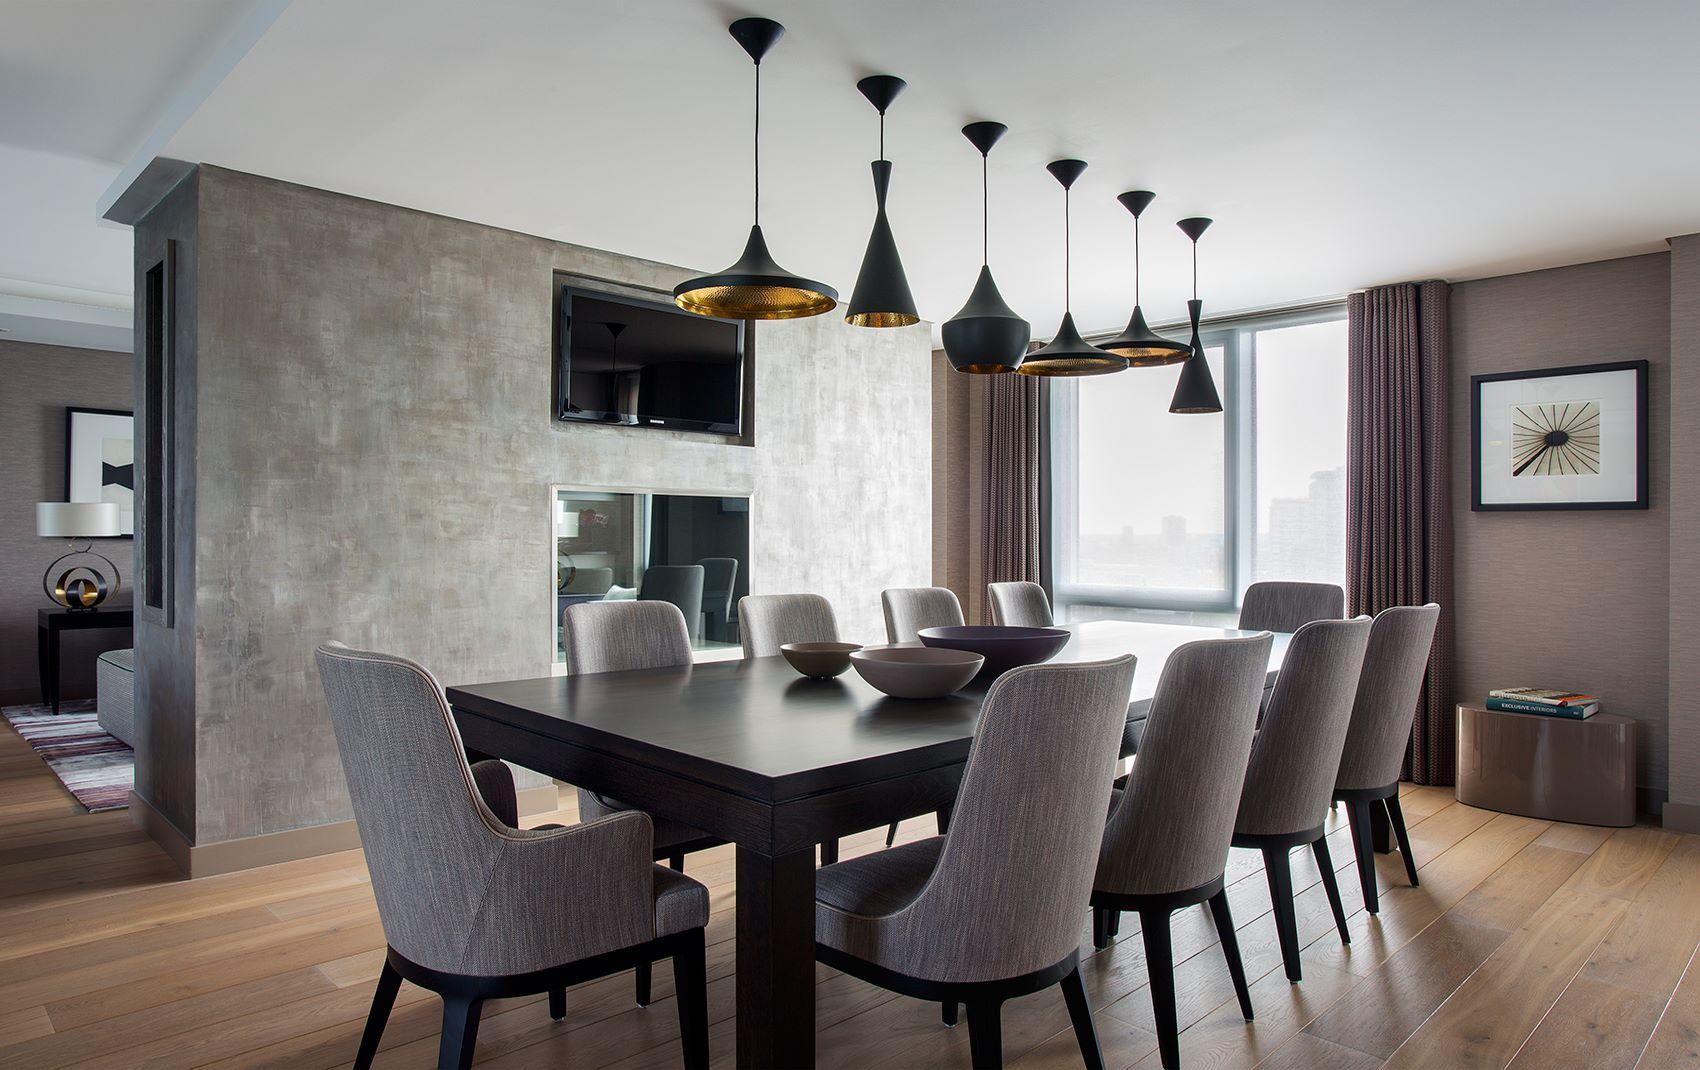 Dining room ideas by Rene Dekker Luxury